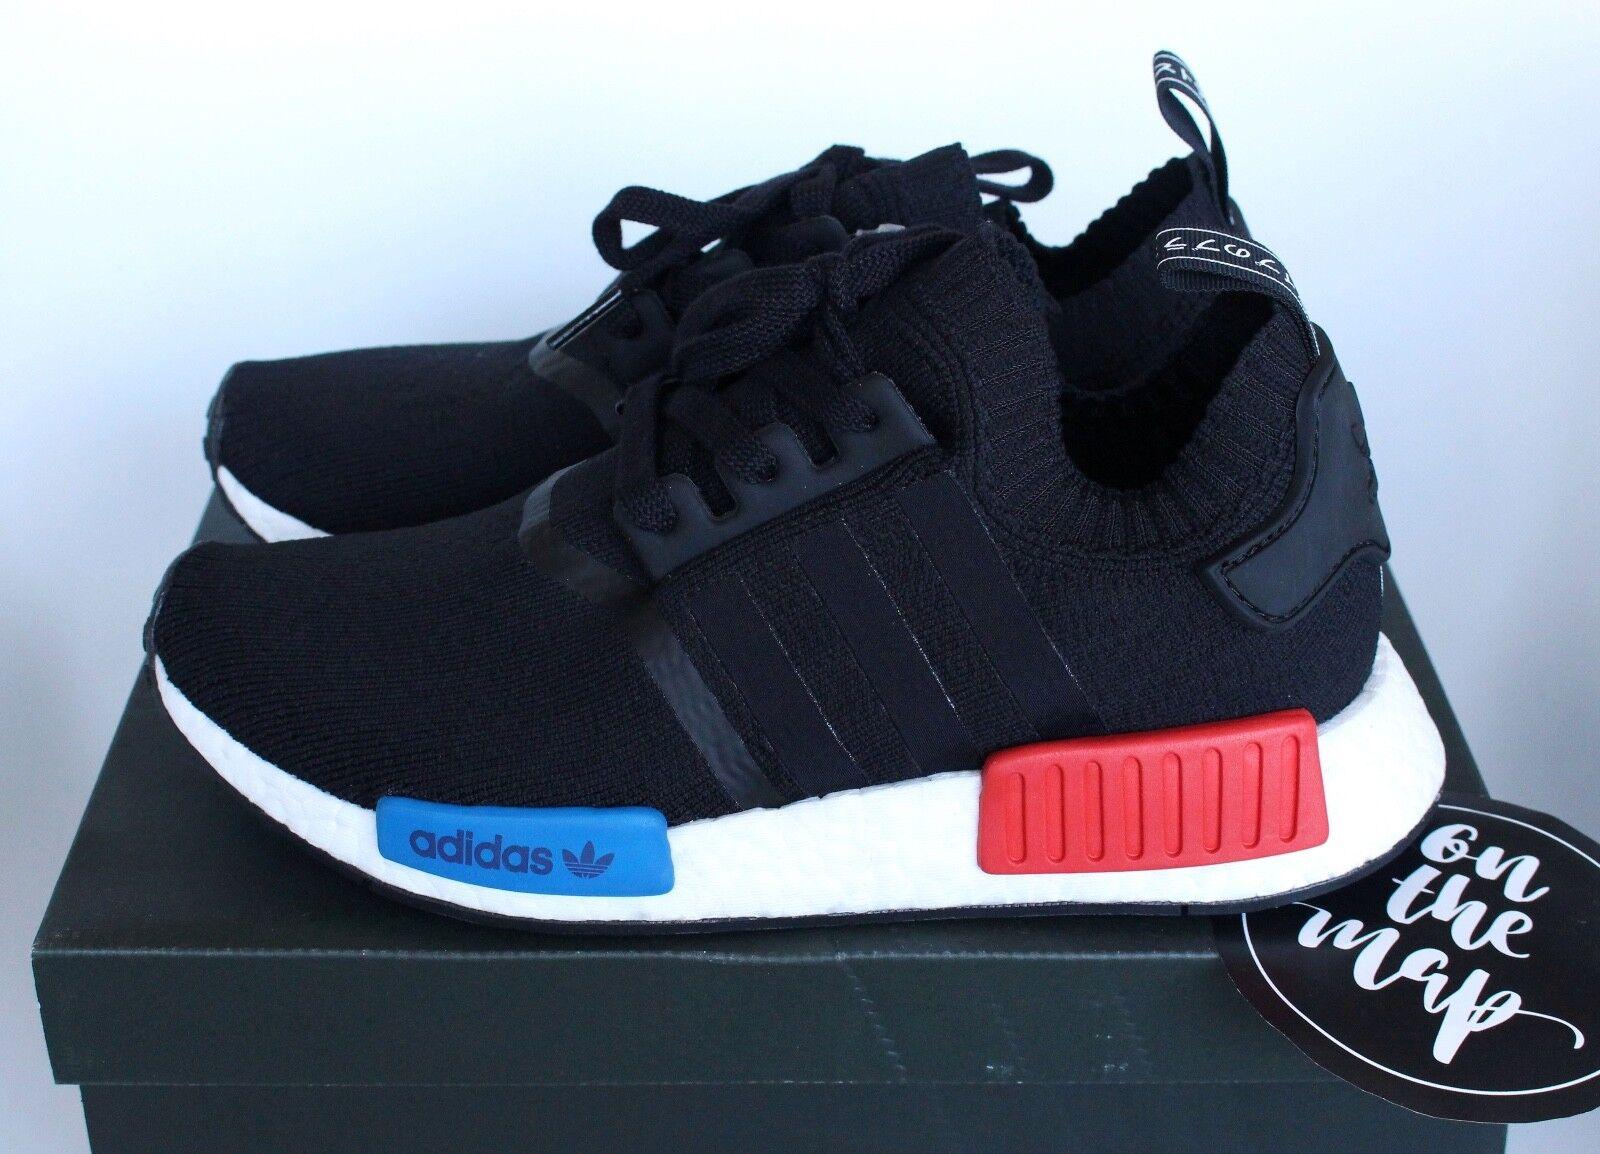 Adidas nmd og läufer pk primeknit schwarz - rot - blauen s79168 5 6 7 9 10 11 12 neue